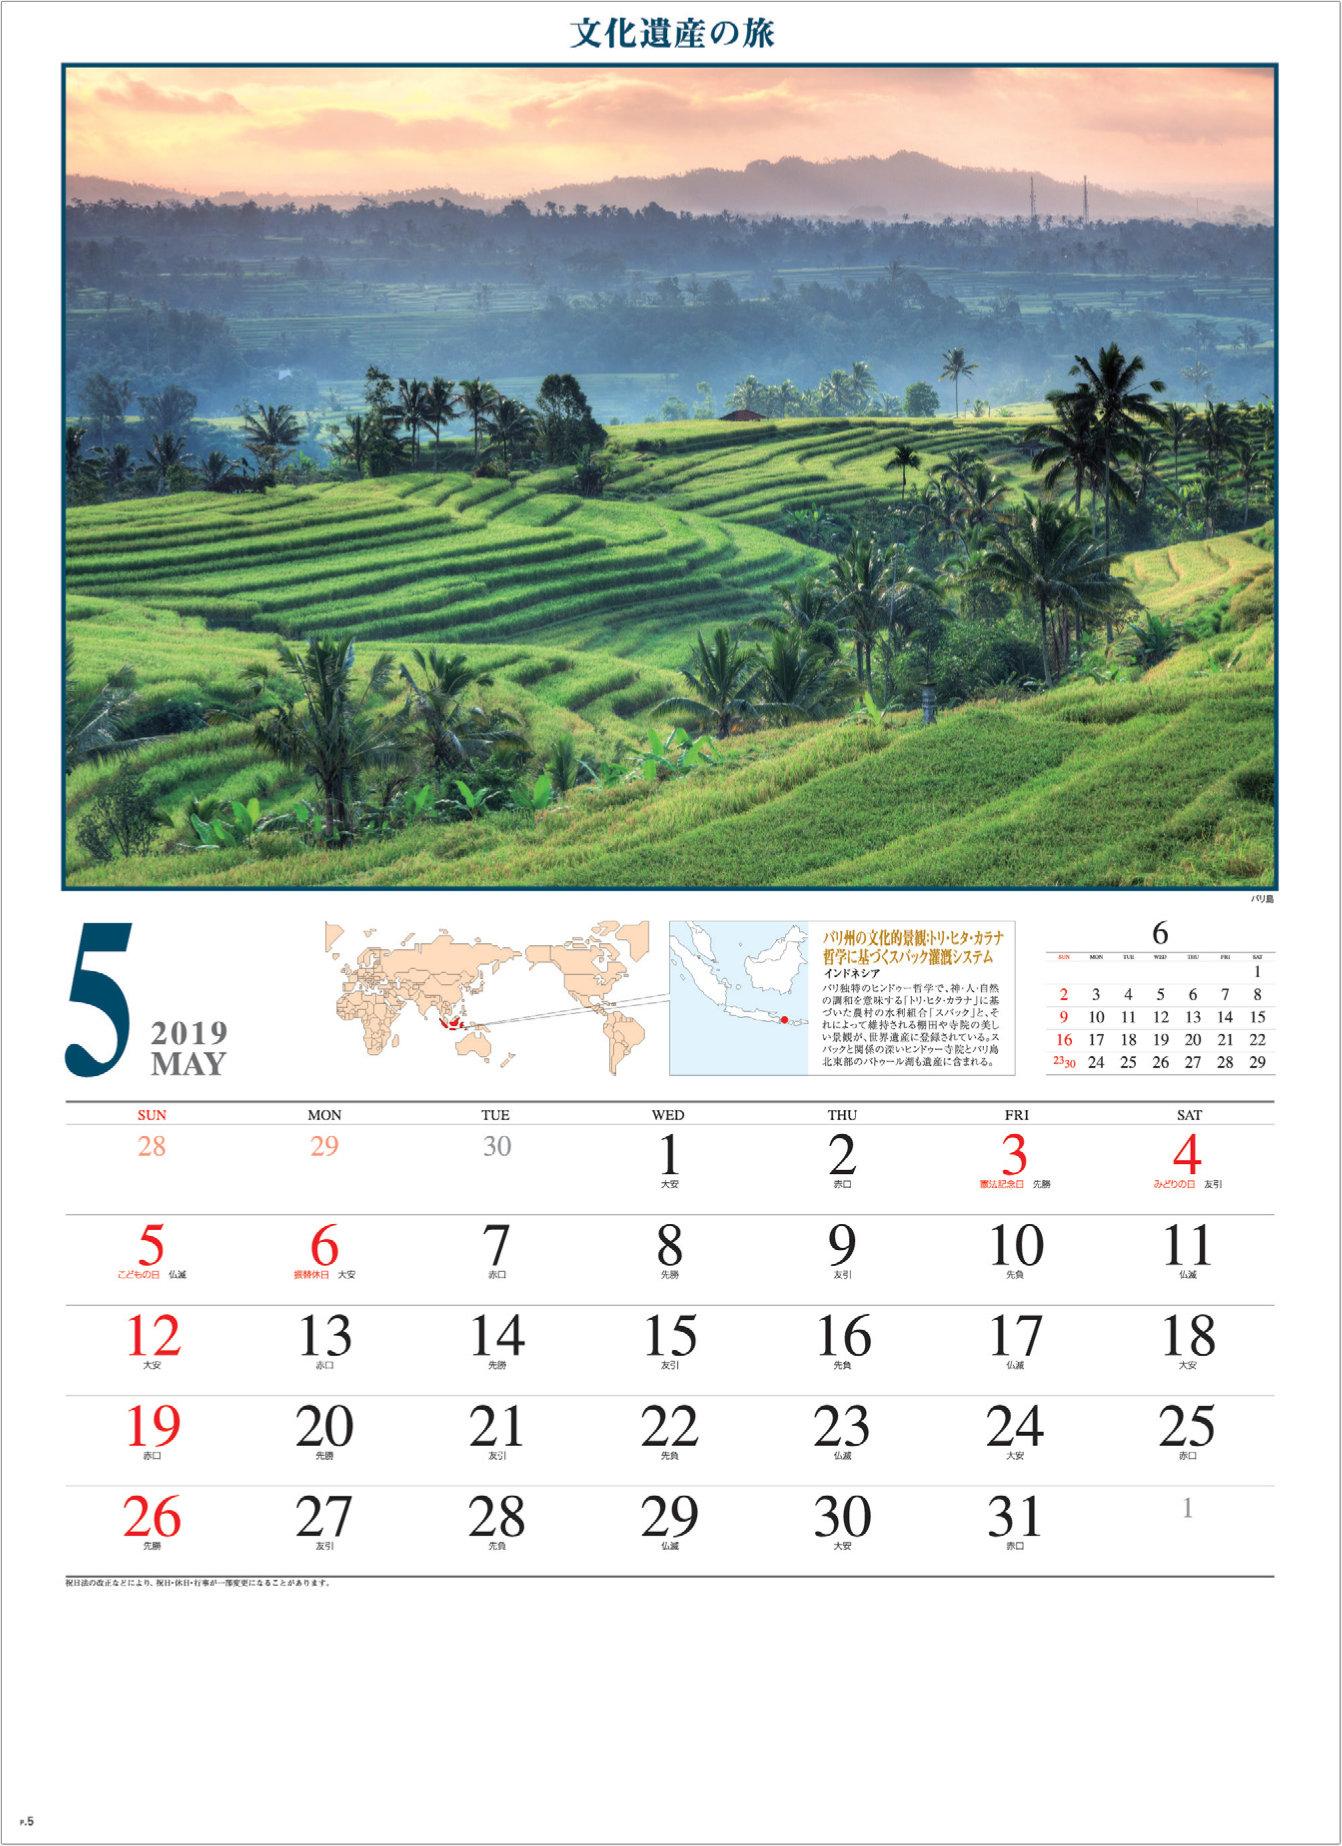 画像:インドネシア バリ島 文化遺産の旅(ユネスコ世界遺産) 2019年カレンダー